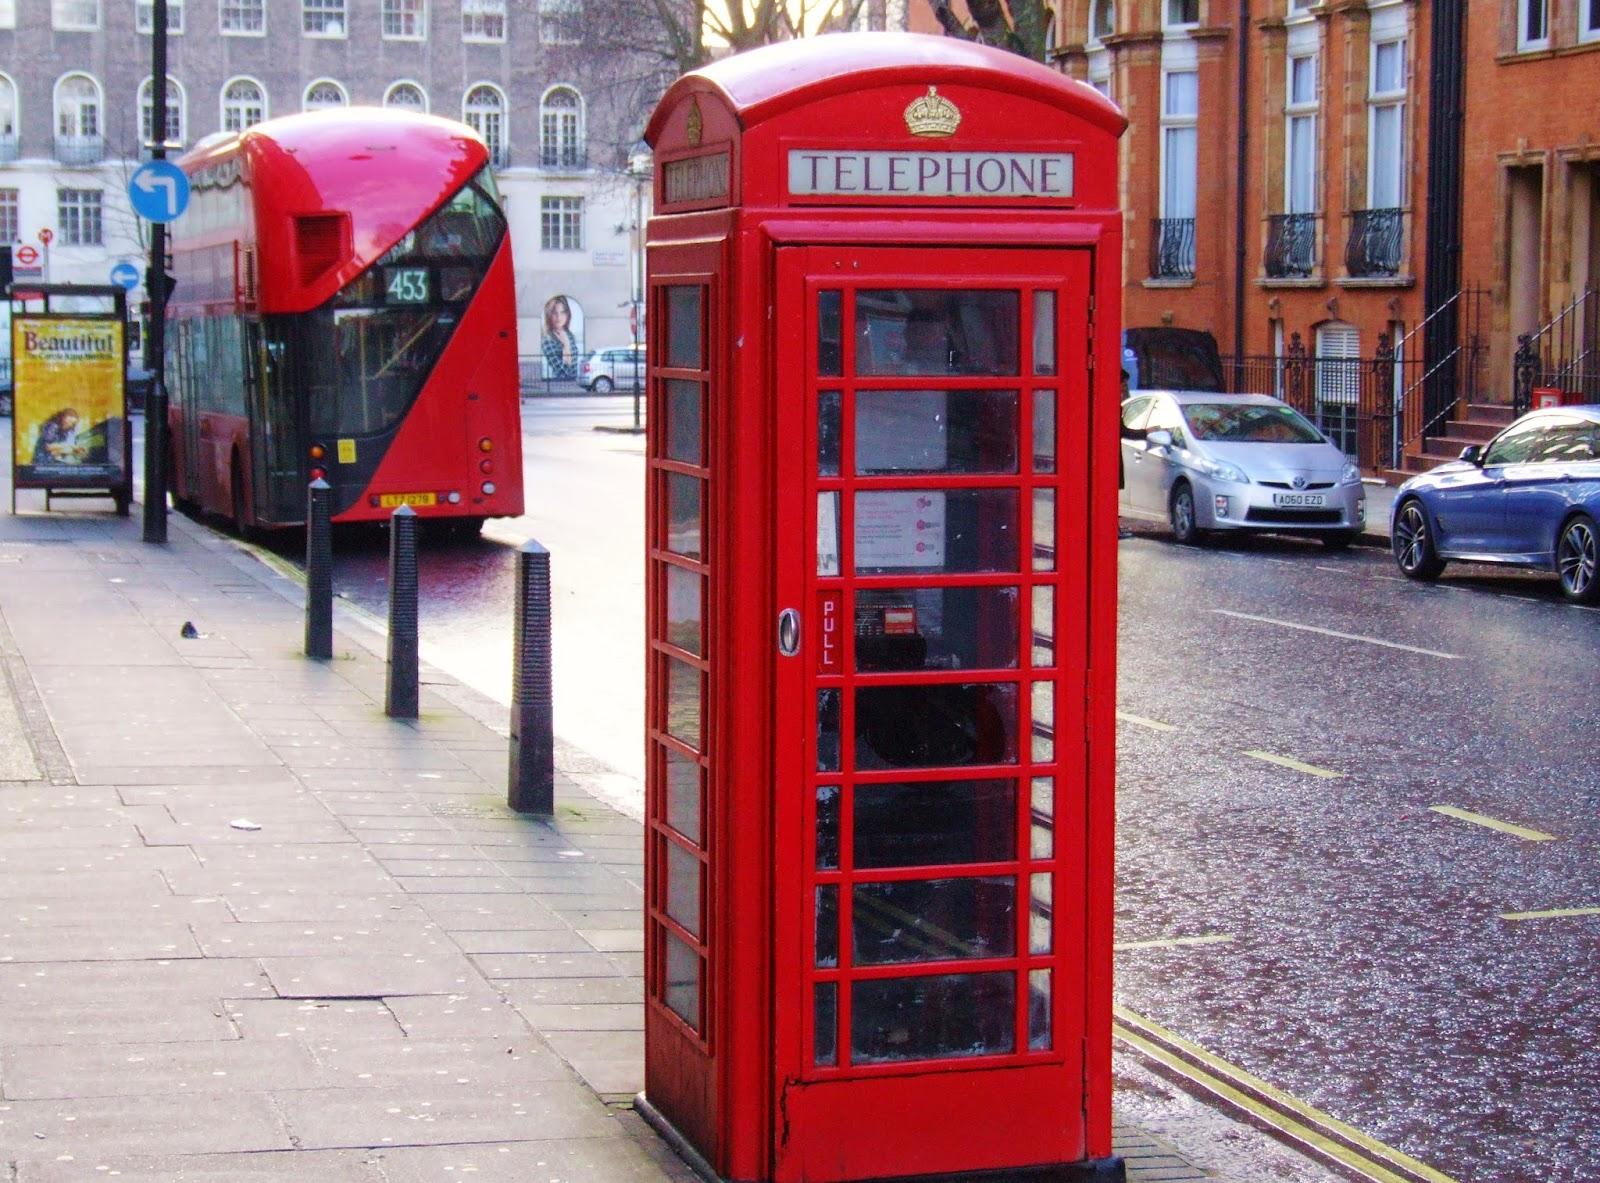 Londyńskie symbole: czerwona budka telefoniczna i piętrowy autobus.